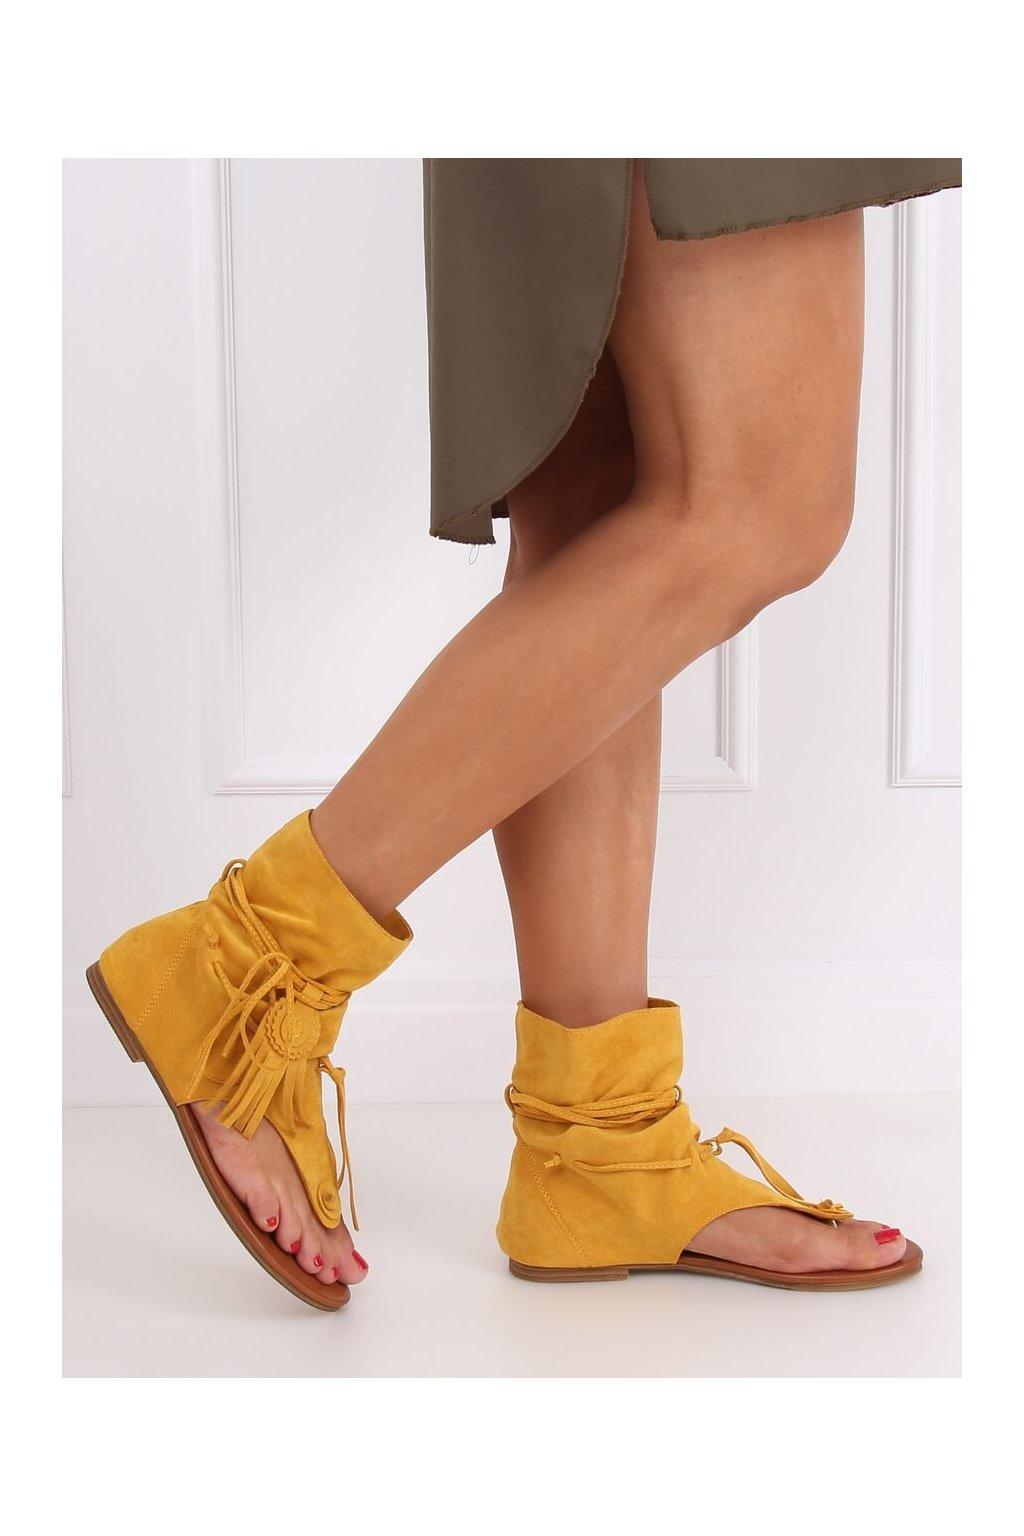 Dámske sandále žlté na plochom podpätku SL1010P